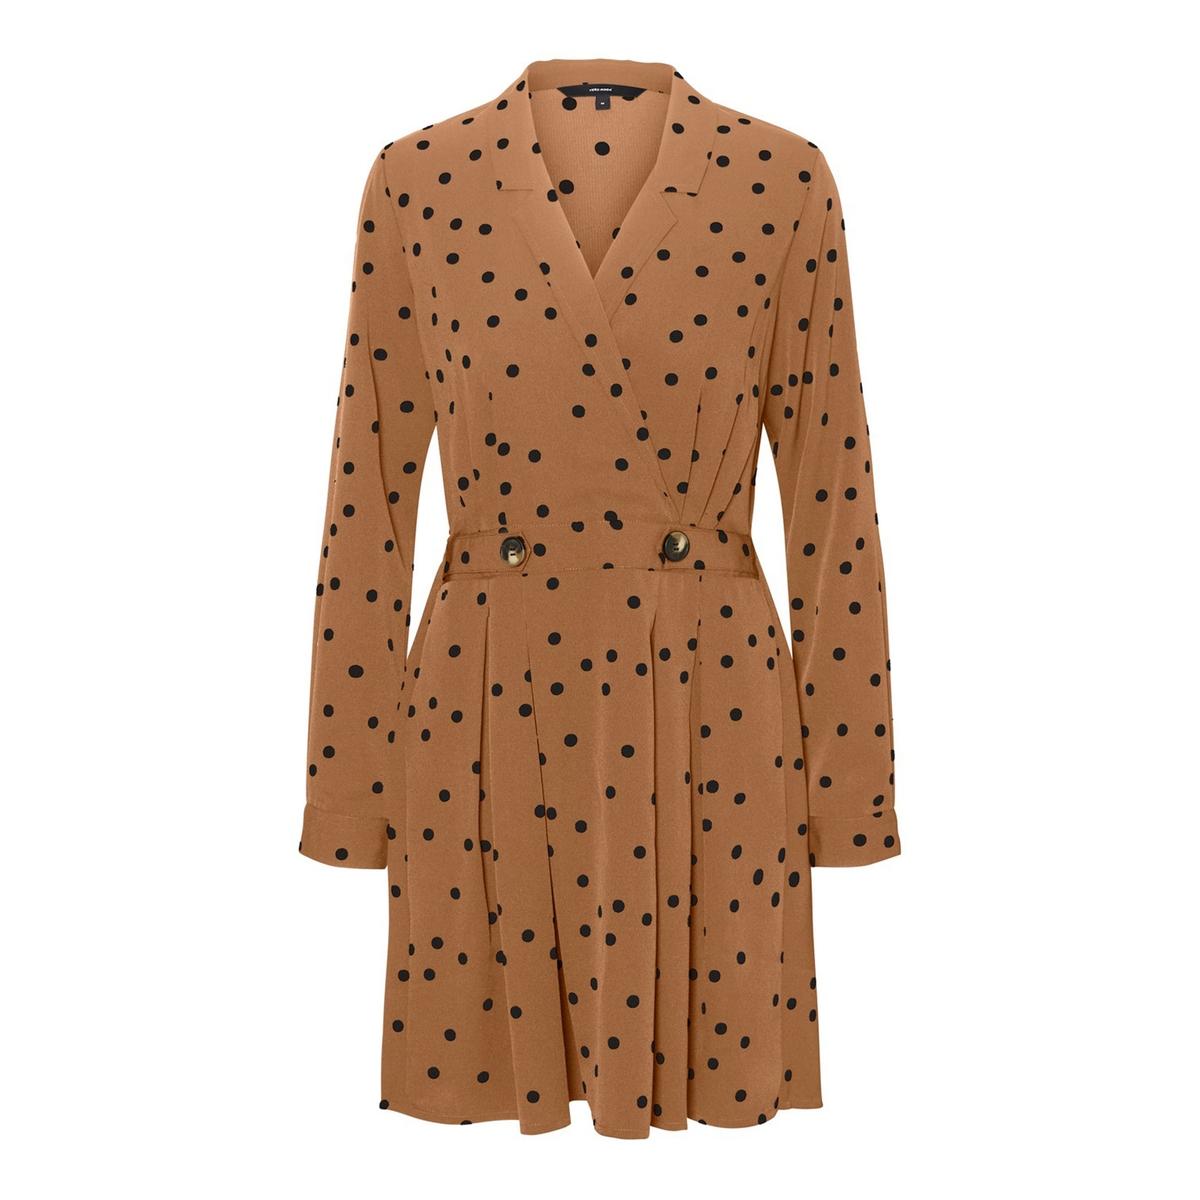 цена Платье La Redoute Расклешенное с V-образным вырезом и рисунком в горошек L каштановый онлайн в 2017 году